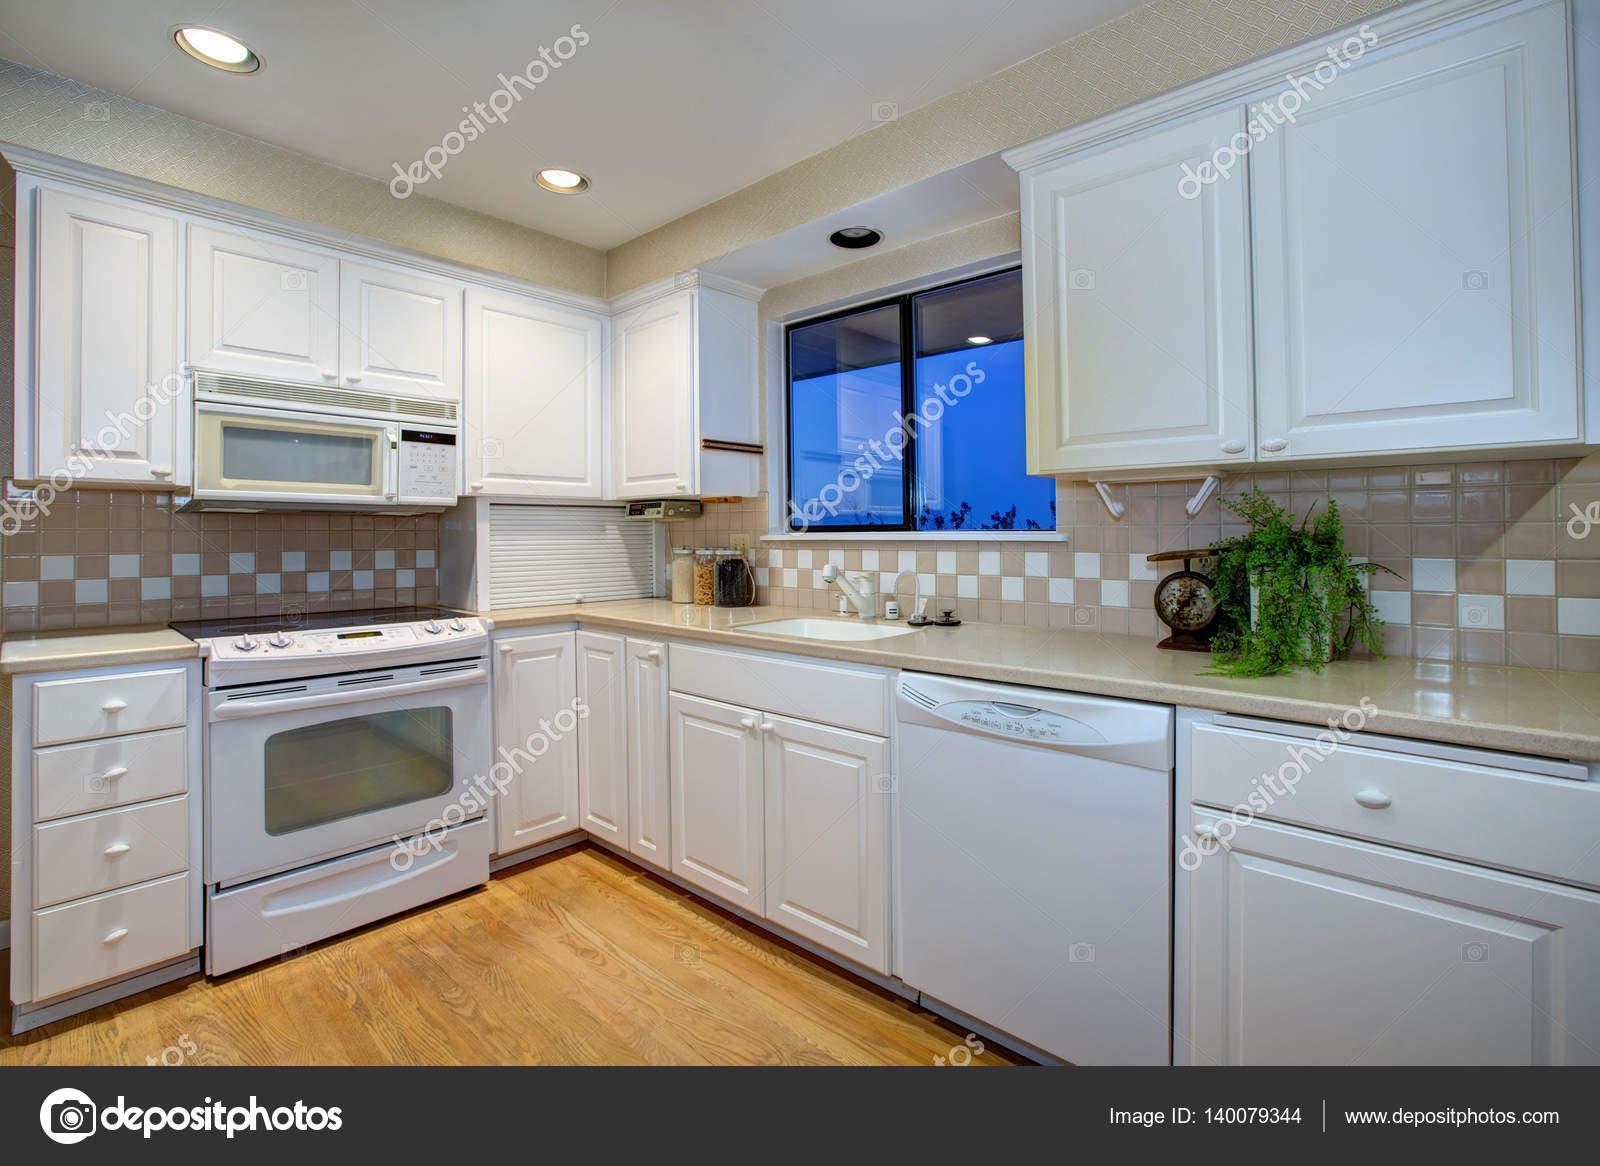 Disegno della cucina bianca con elettrodomestici bianco e piano in ...